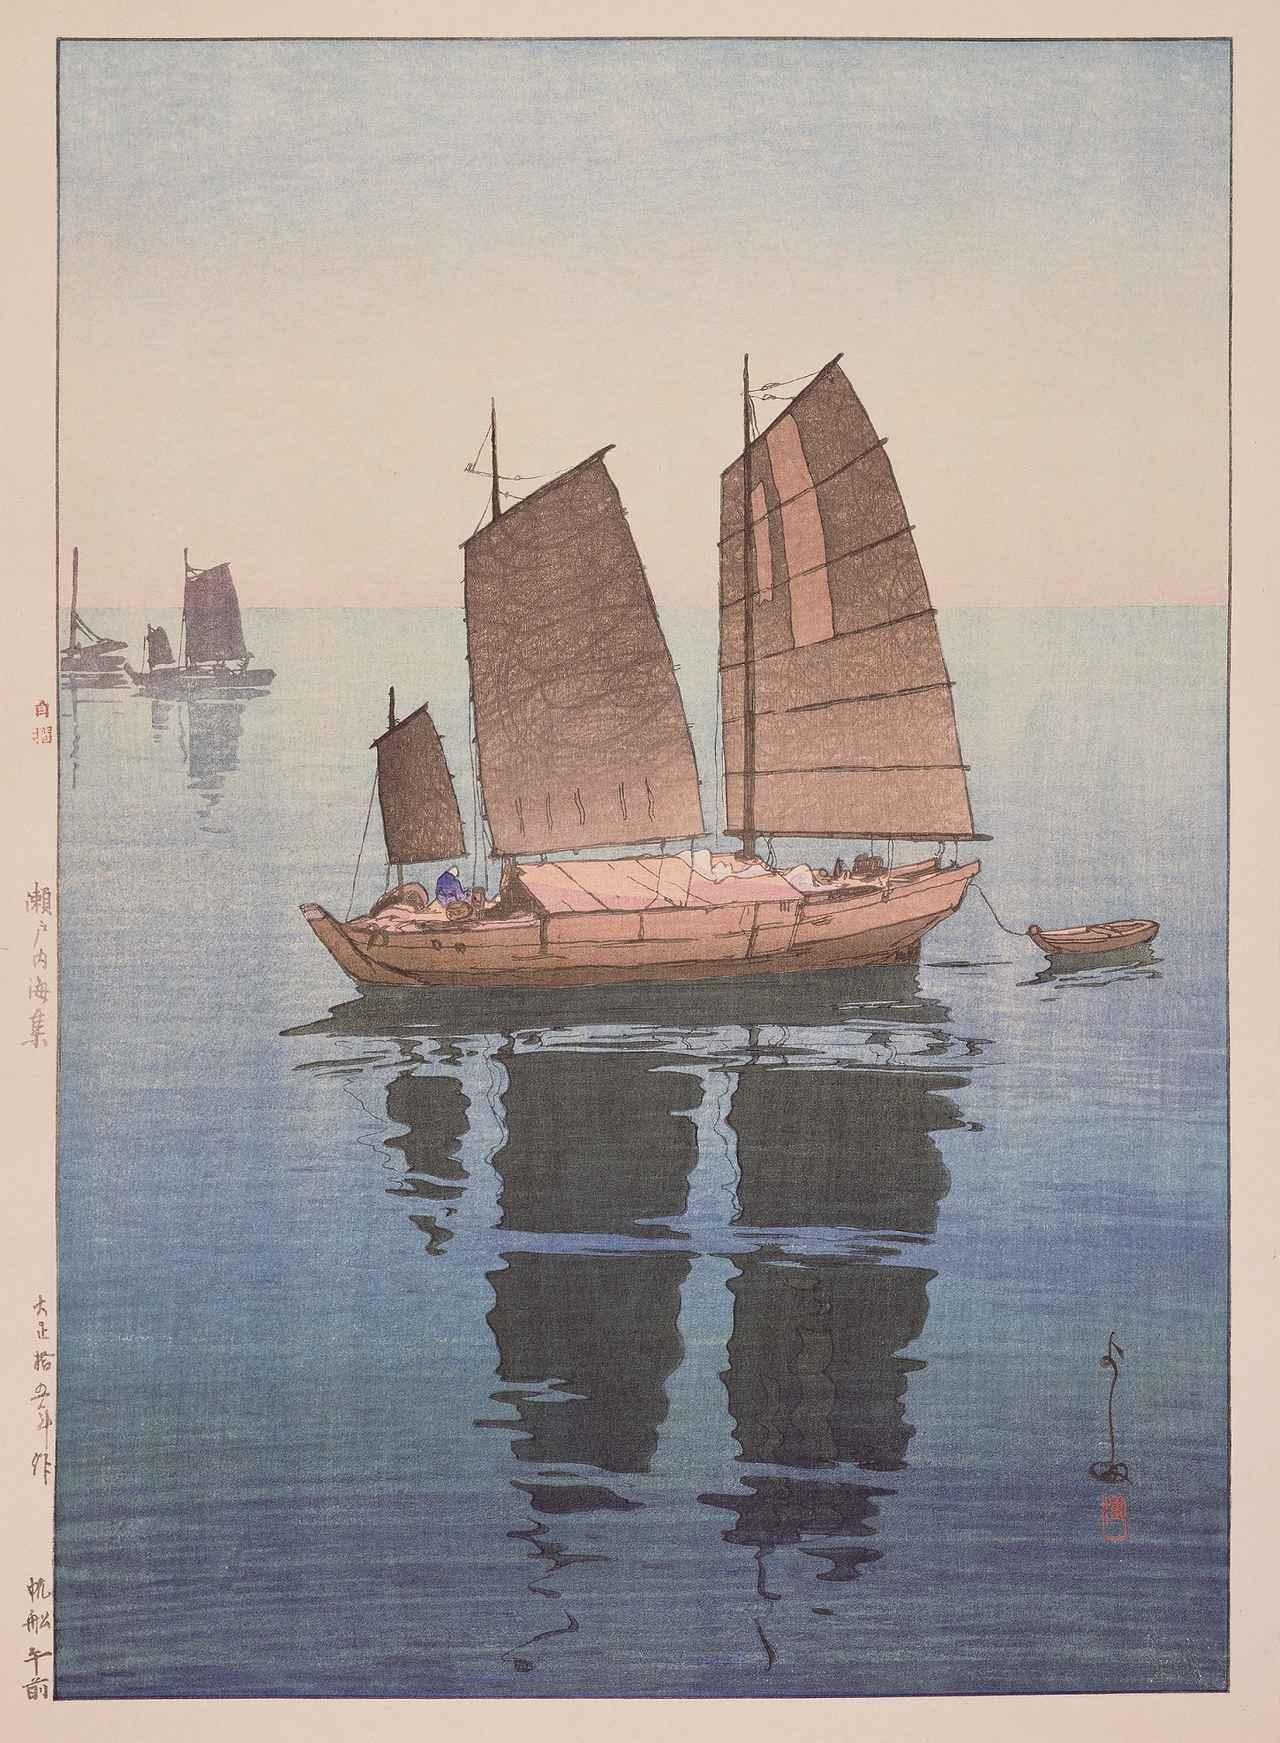 画像: 《瀬戸内海集 帆船 午前》 大正15(1926)年 木版、紙 50.8×36.1cm